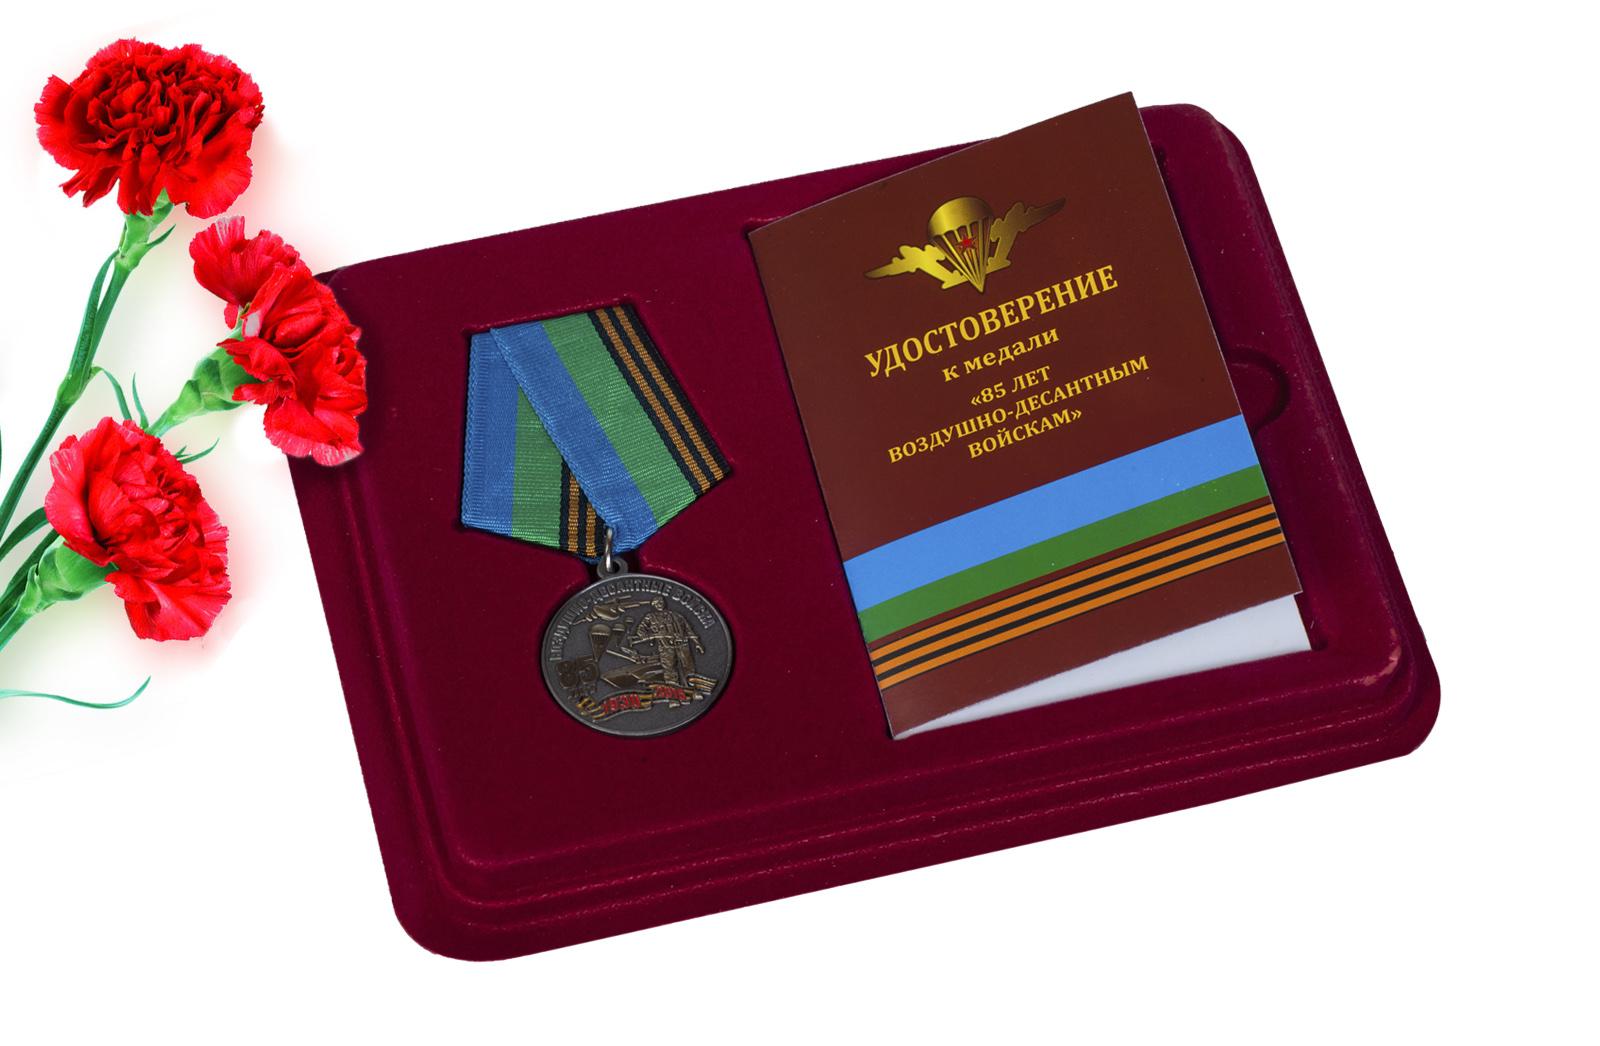 Купить медаль с символикой ВДВ в бархатистом футляре оптом выгодно